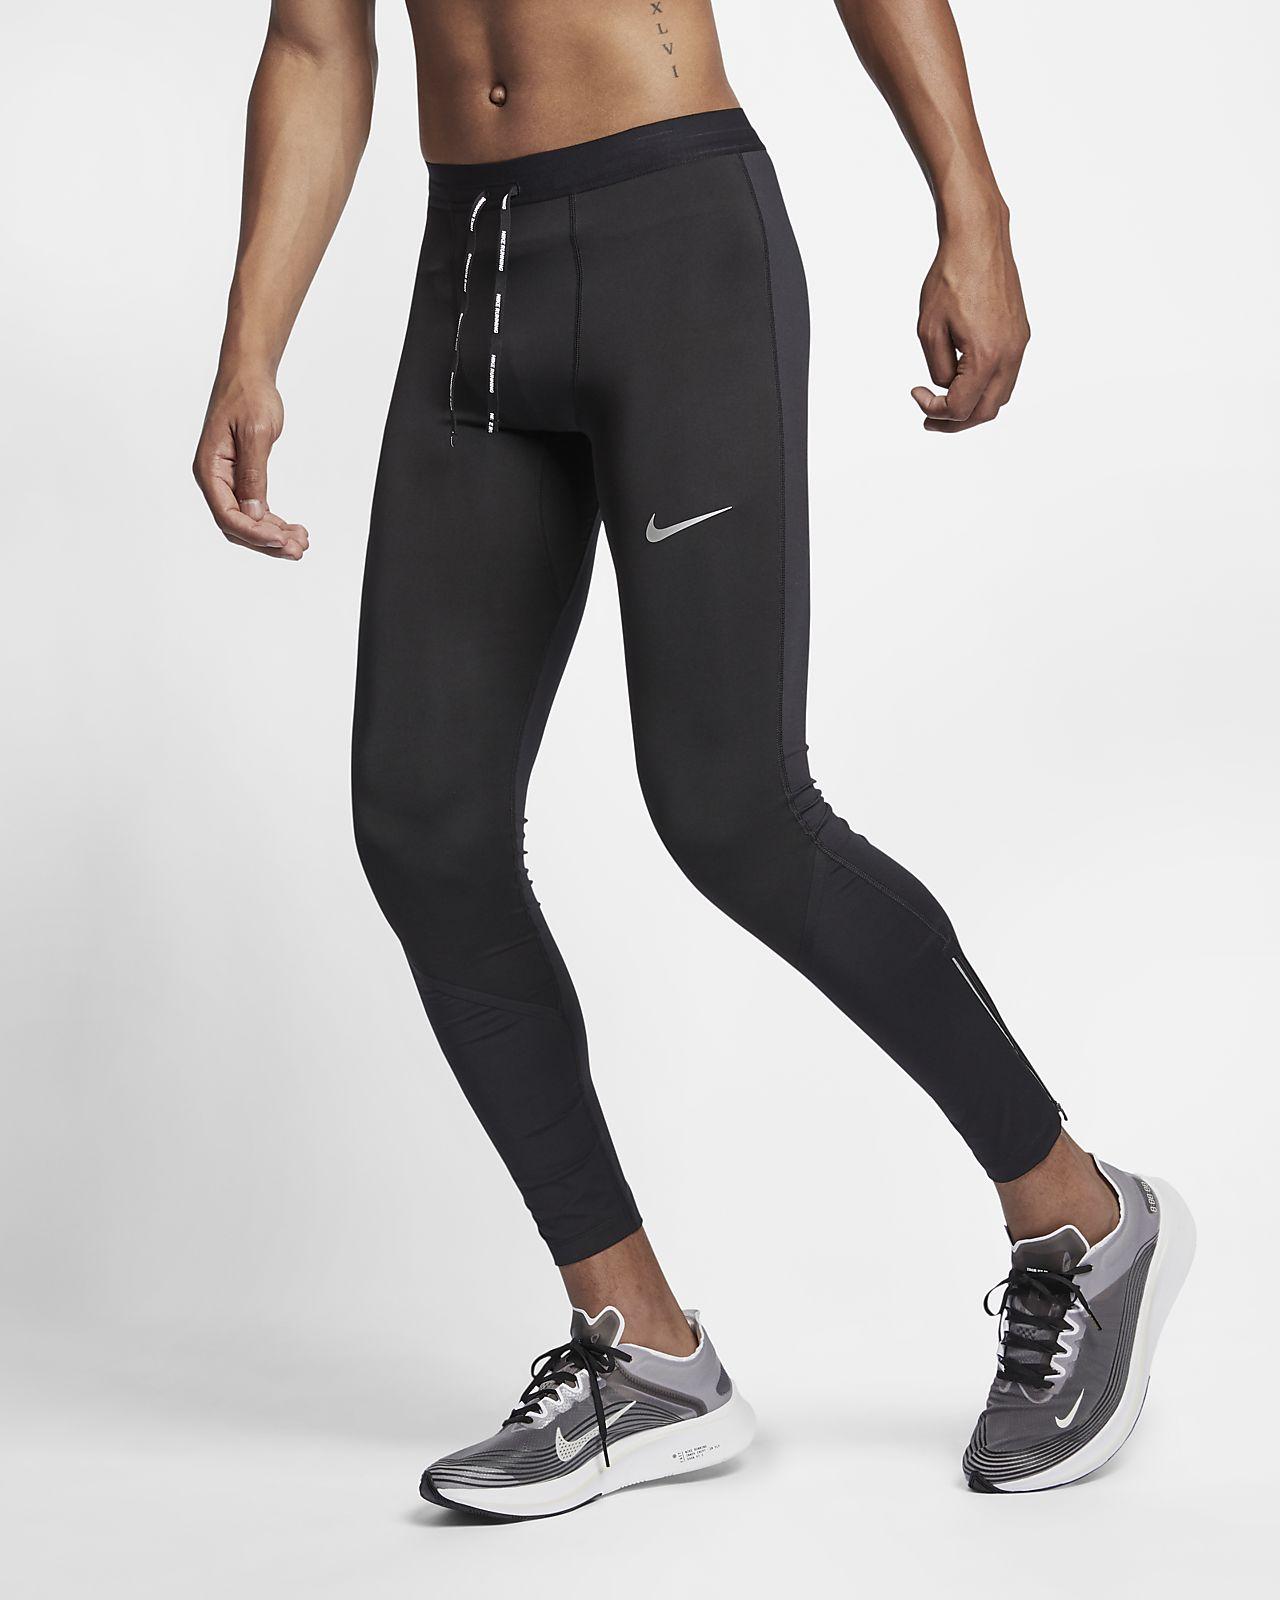 กางเกงวิ่งรัดรูปผู้ชาย Nike Power Tech